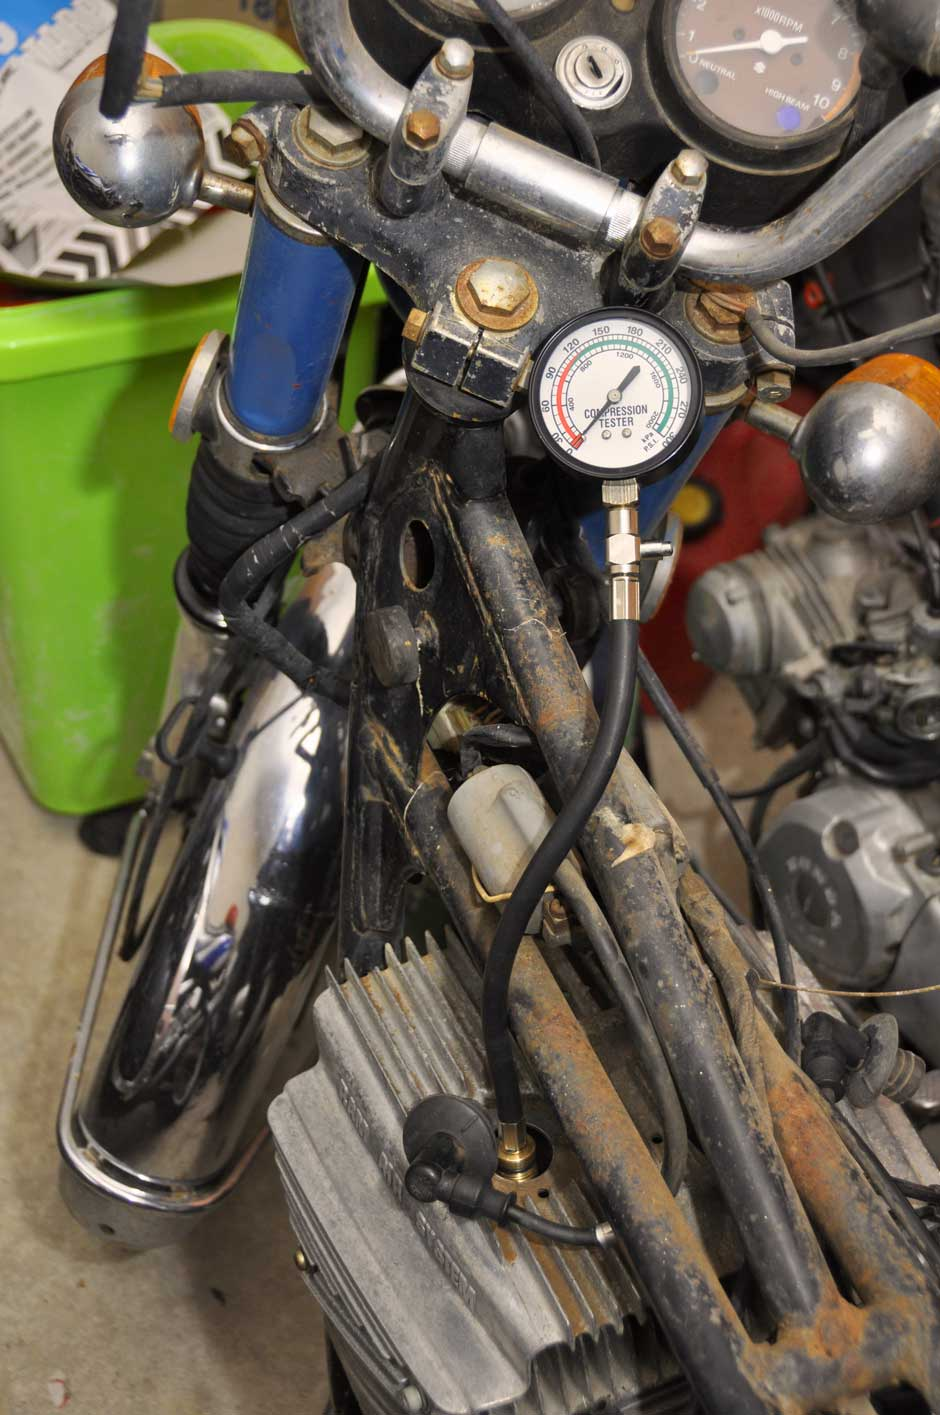 1973 Suzuki Gt250 Engine And Carburettor Work Tgr Team Ghetto Racing Speedometer Assy Spin 125 Dsc 1797